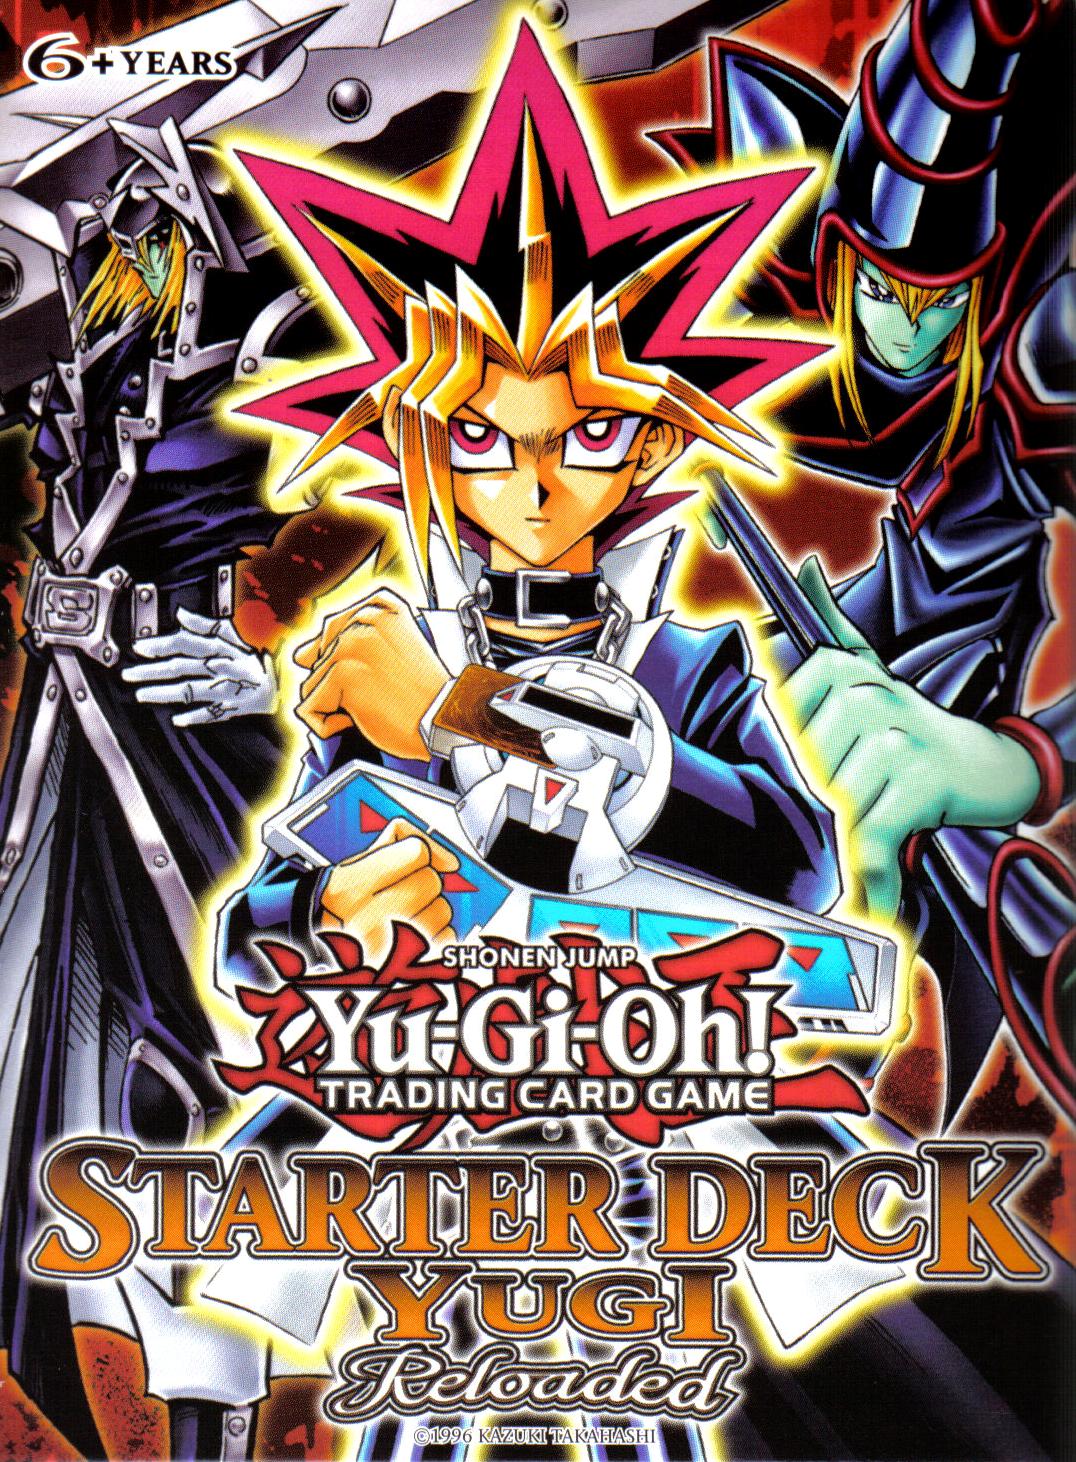 Starter Deck Yugi Reloaded